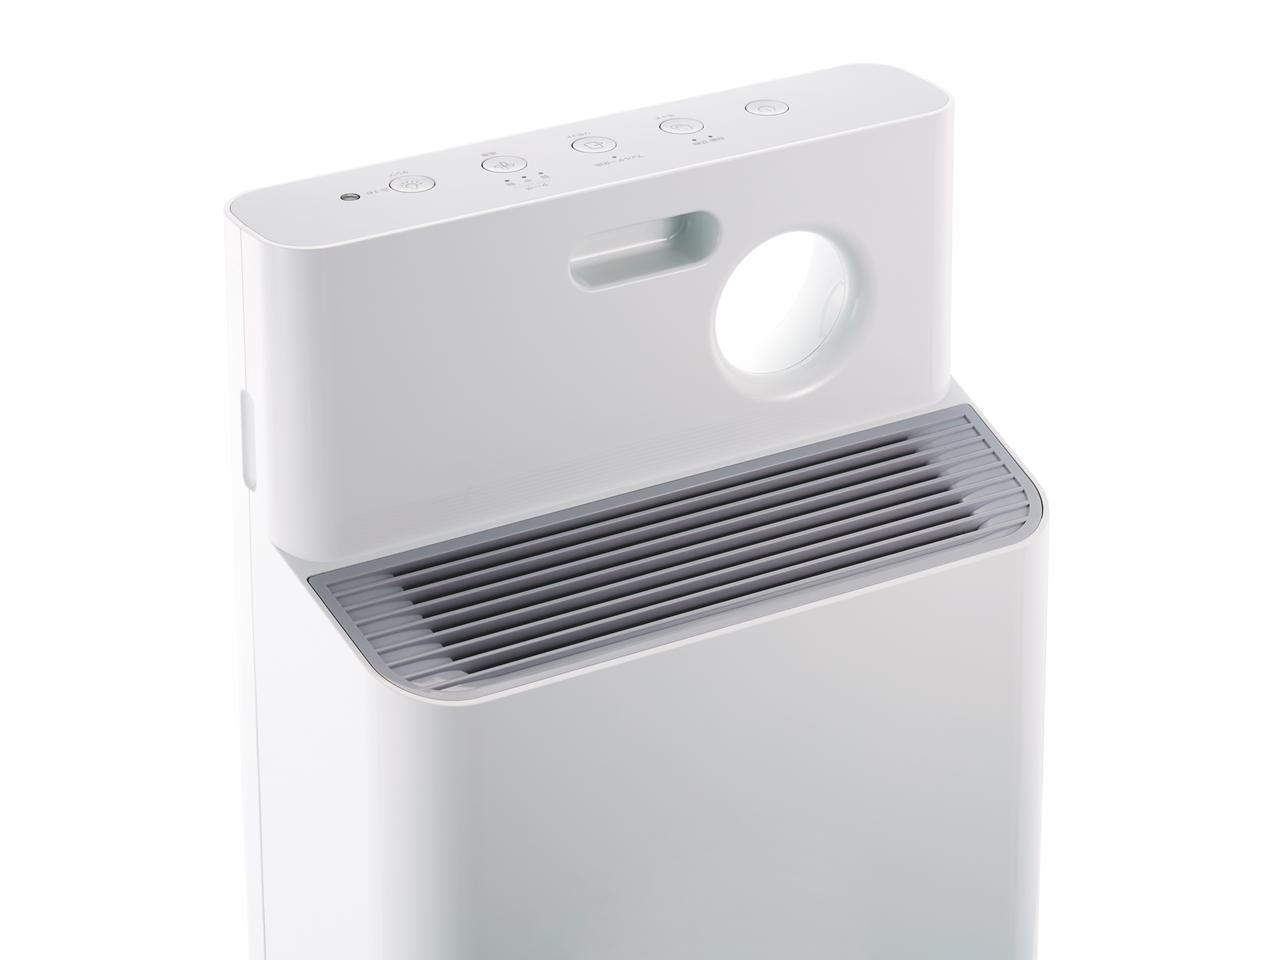 画像: 薄型ボディに高機能を凝縮したスタイリッシュな空気清浄機